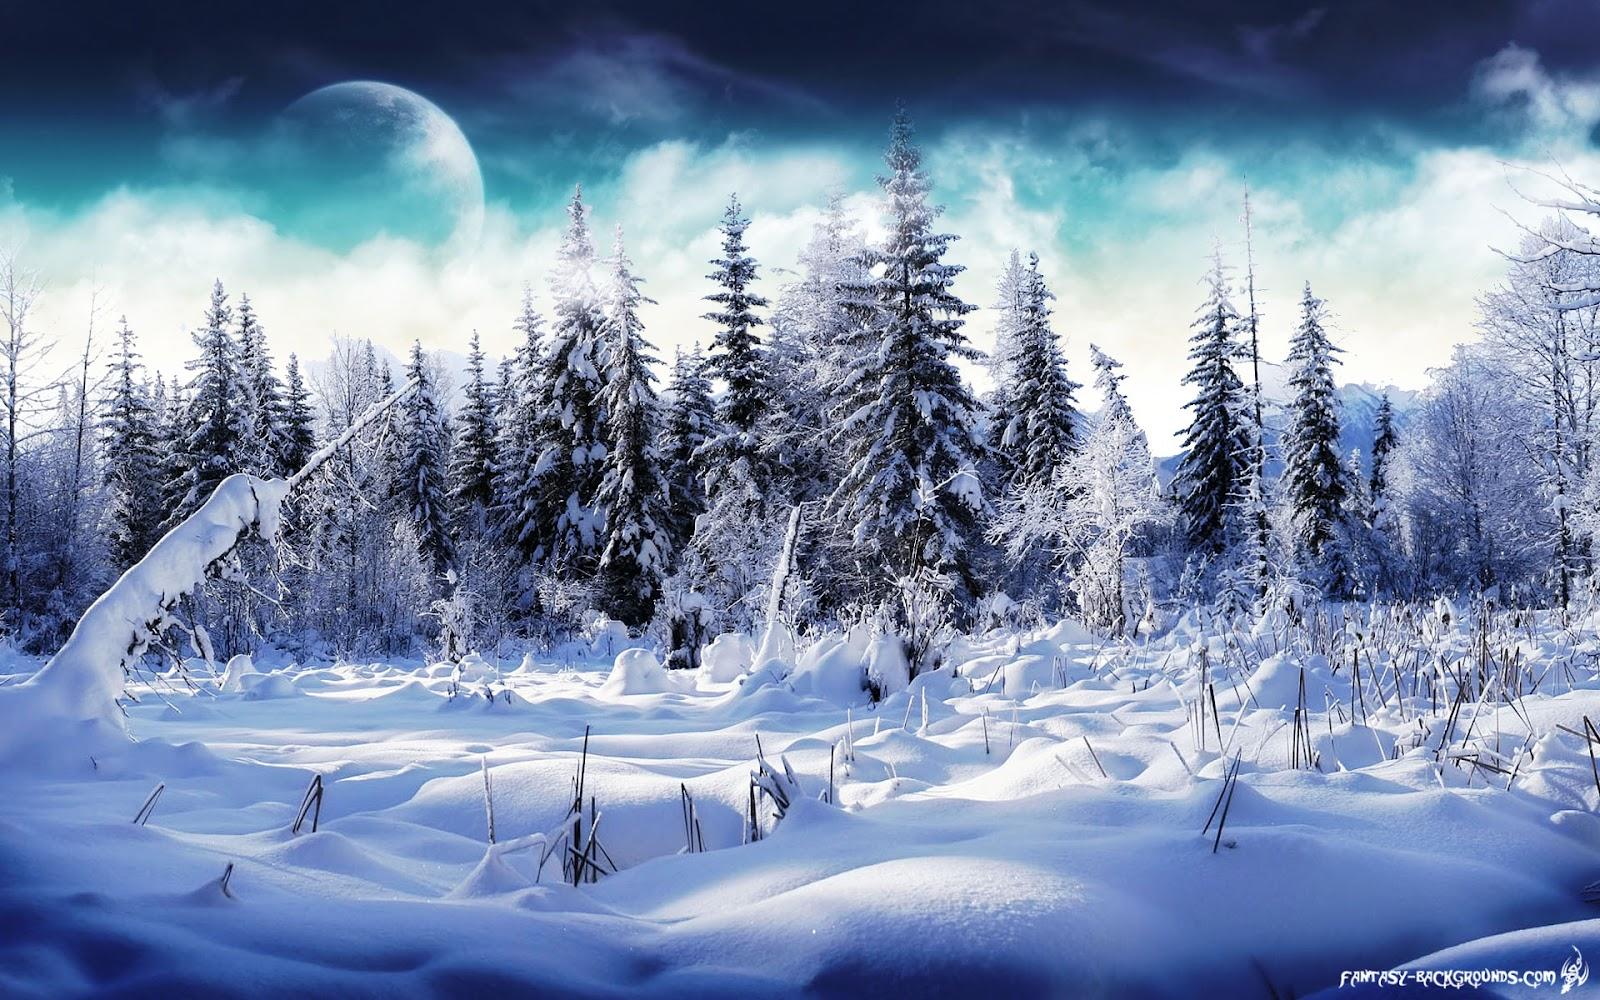 http://1.bp.blogspot.com/-sOxUbeauQC0/T04PdzFPbII/AAAAAAAAASw/soMQs_0wPQU/s1600/winter-wonderland-1920x1200.jpg